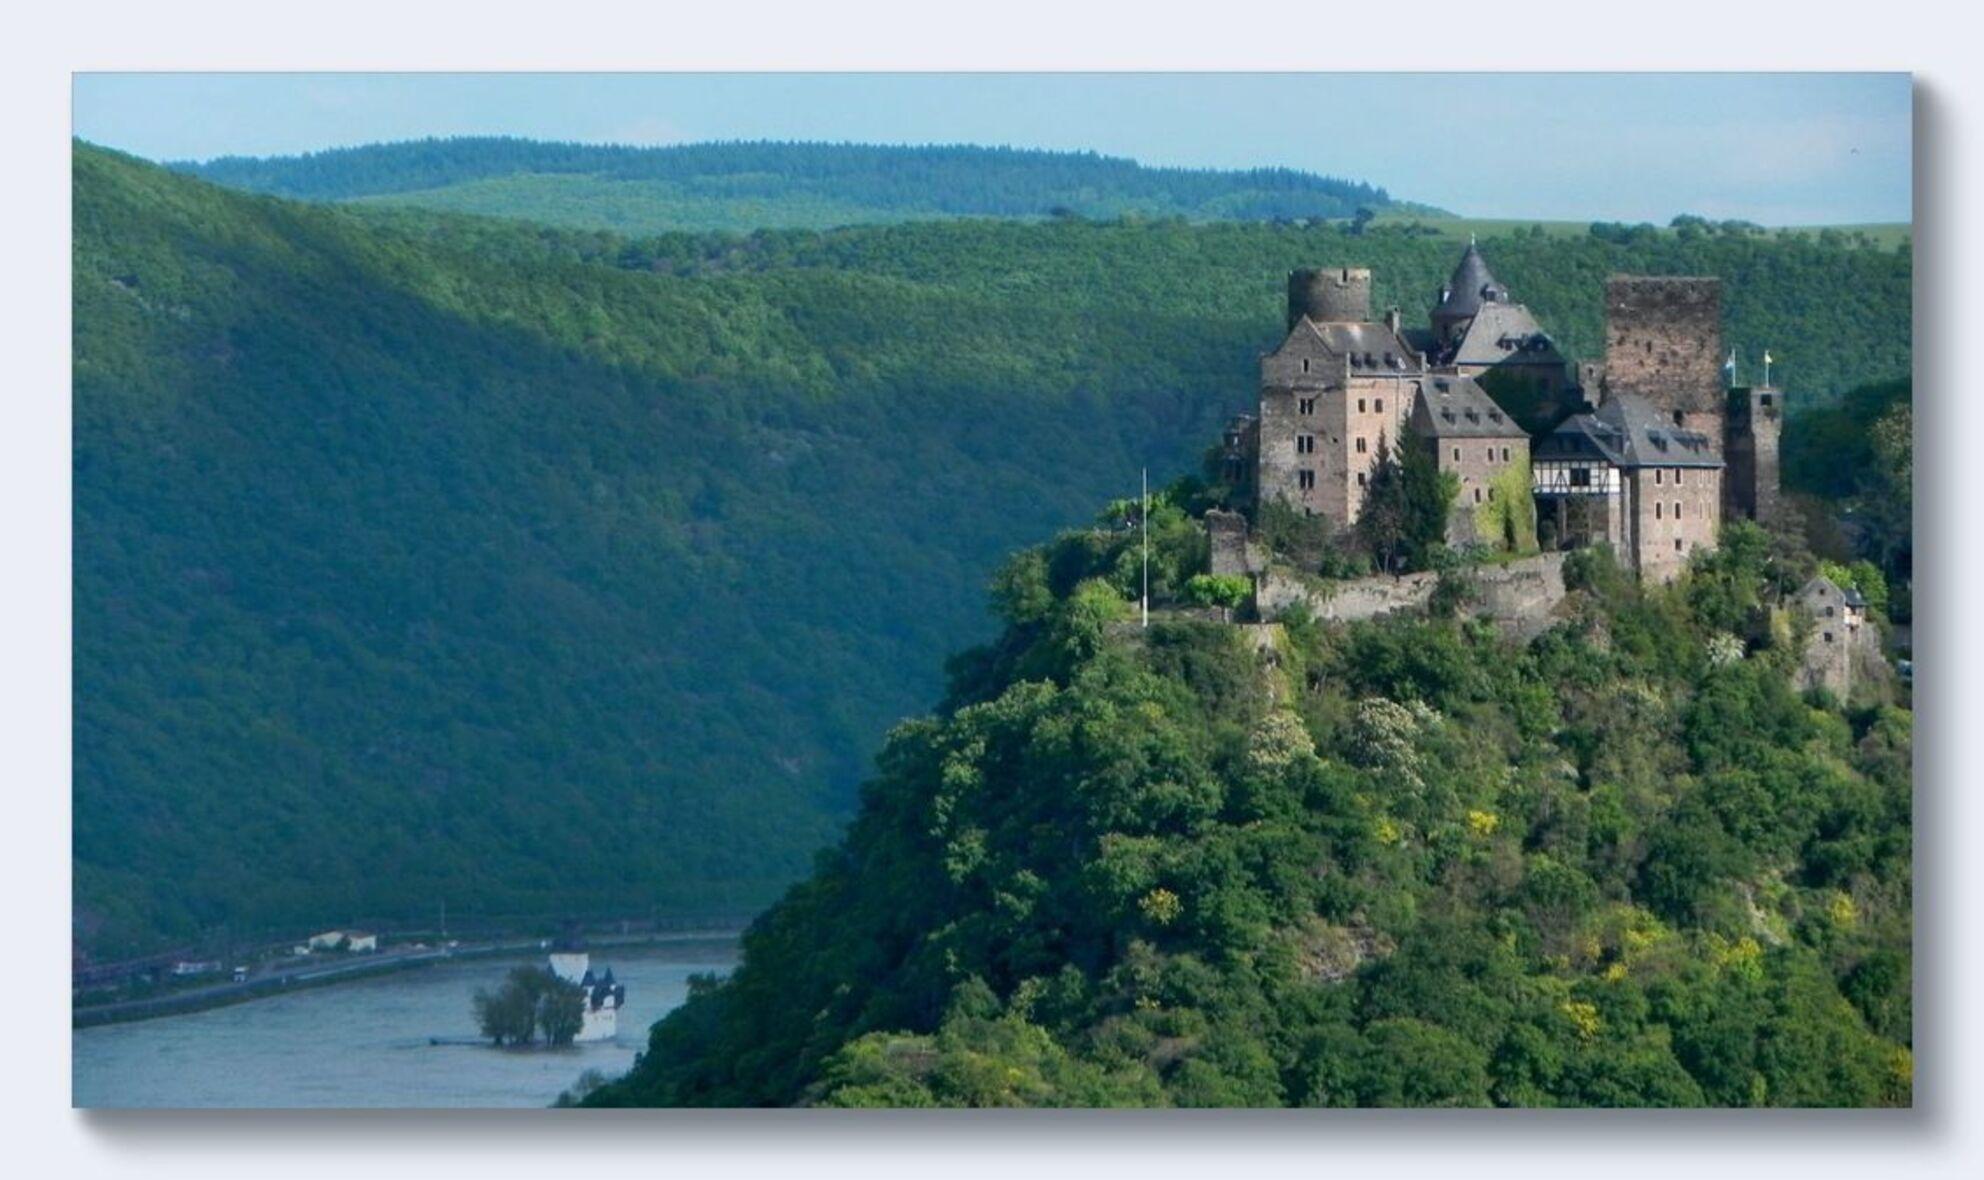 Voorjaar langs de Rijn 3 - Ook weer burcht Schönburg bij Oberwesel, nu van de andere kant genomen. - foto door ariebouwmeester op 28-03-2016 - deze foto bevat: kasteel, landschap, bergen, rivier, rijn - Deze foto mag gebruikt worden in een Zoom.nl publicatie